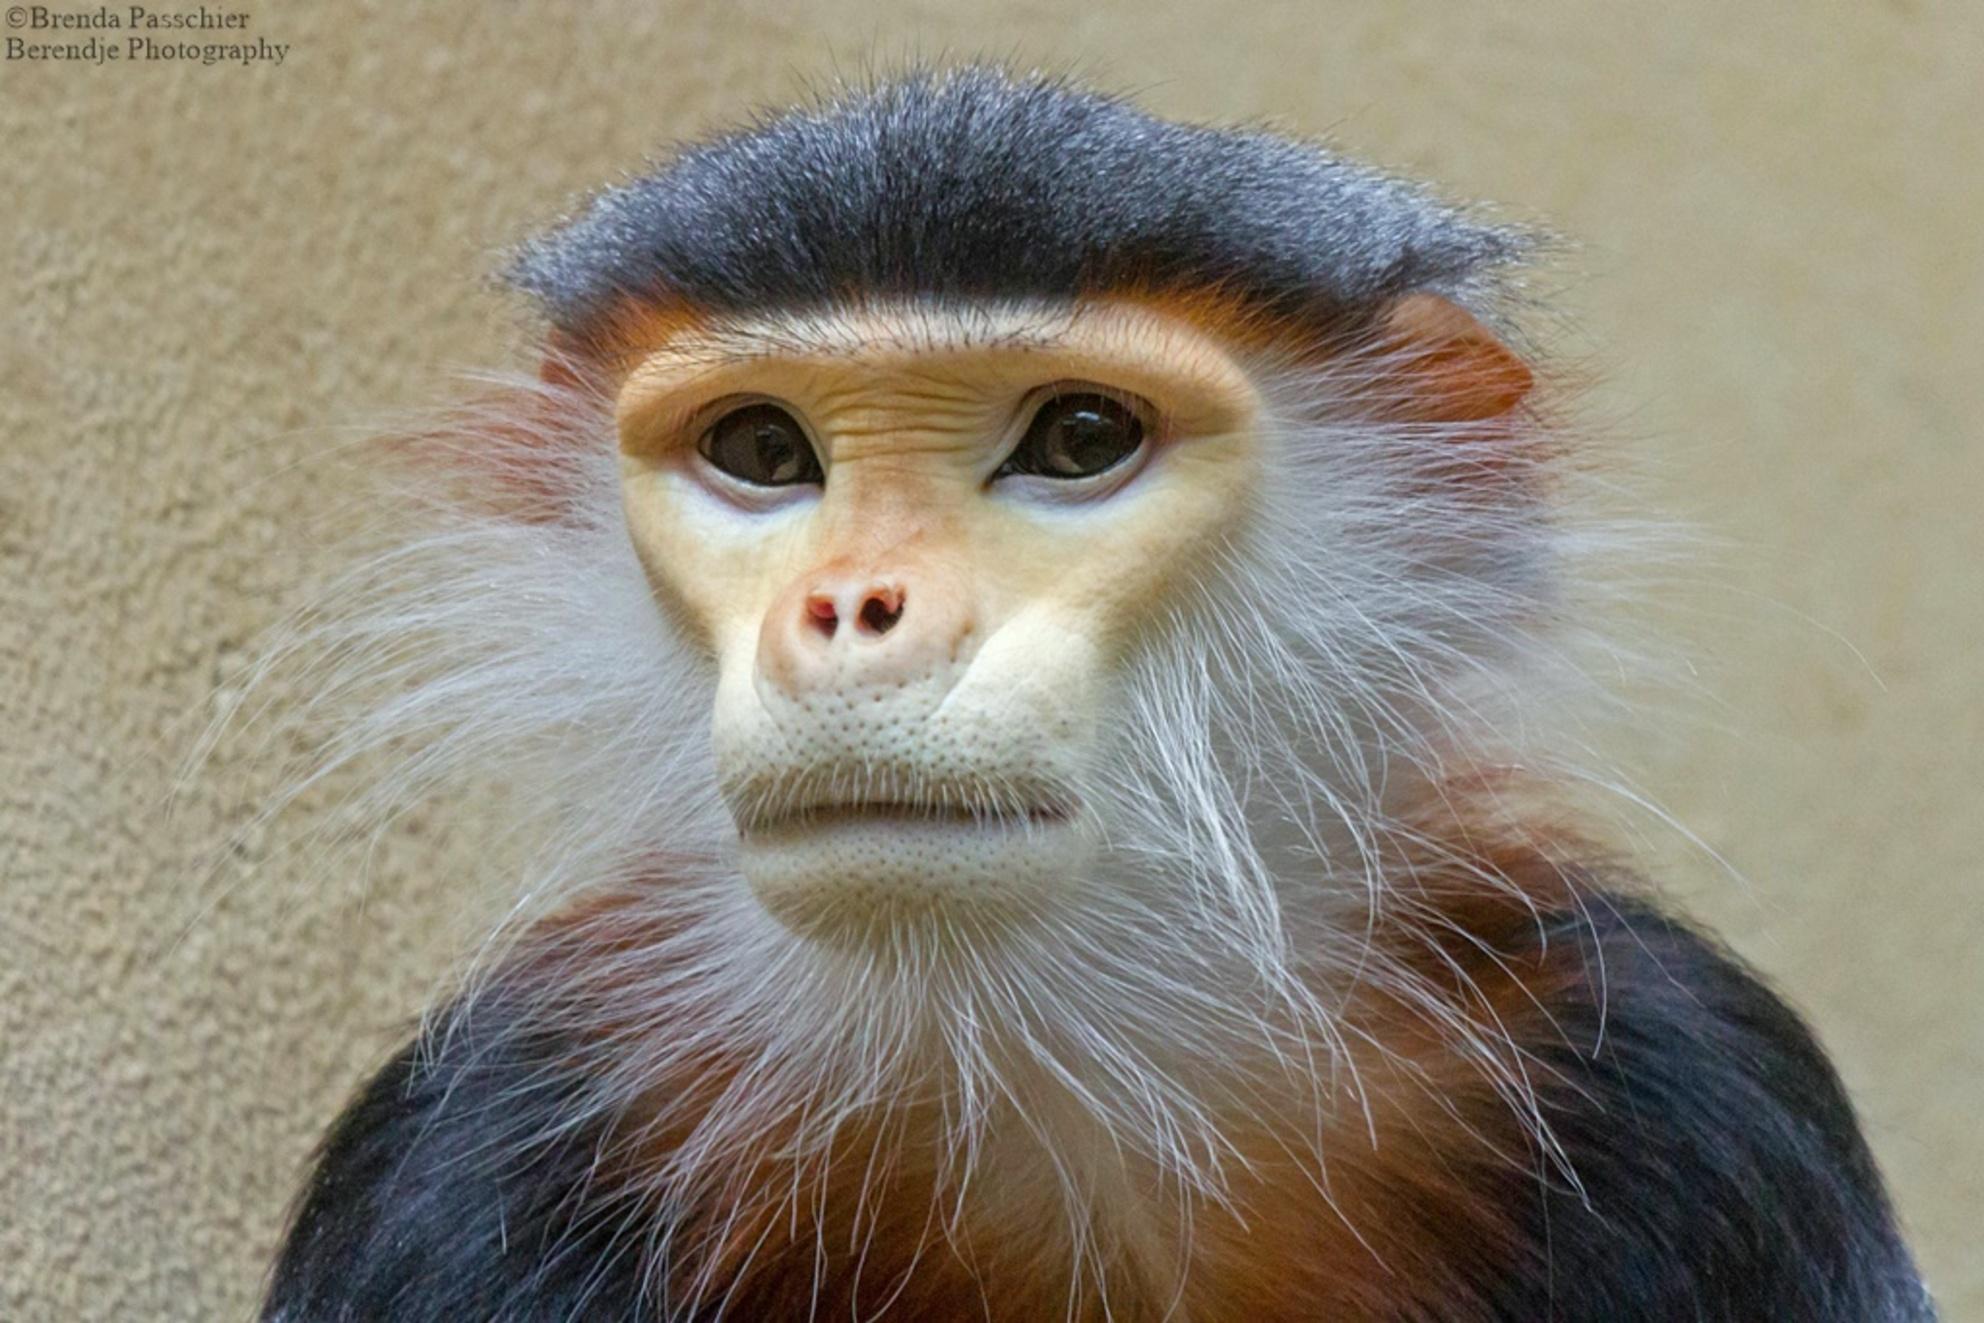 Douc langoer - Special voor deze bijzondere aap naar de dierentuin in Keulen geweest. De Douc langoer. - foto door berendje_zoom op 14-05-2015 - deze foto bevat: dierentuin, natuur, dieren, safari, aap - Deze foto mag gebruikt worden in een Zoom.nl publicatie